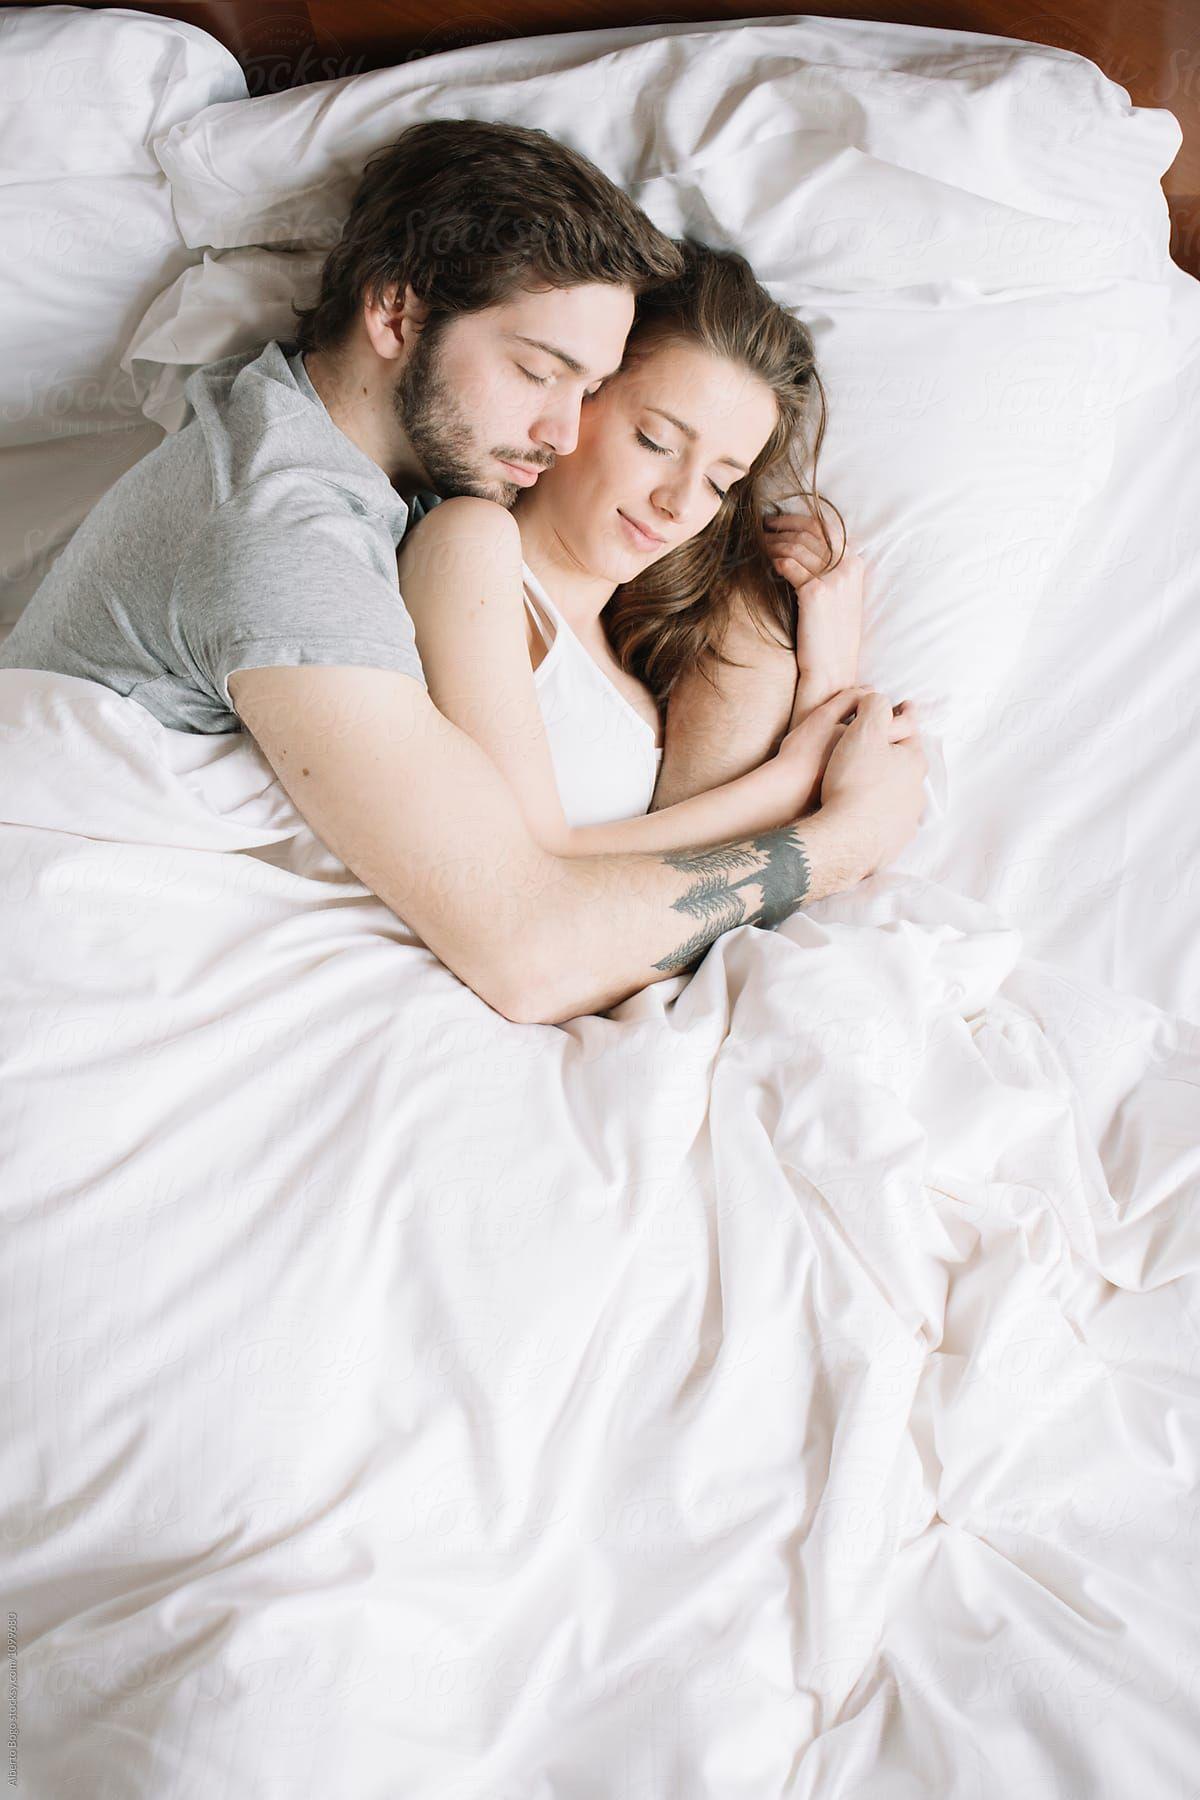 Afbeeldingsresultaat voor hug couple | Couple sleeping